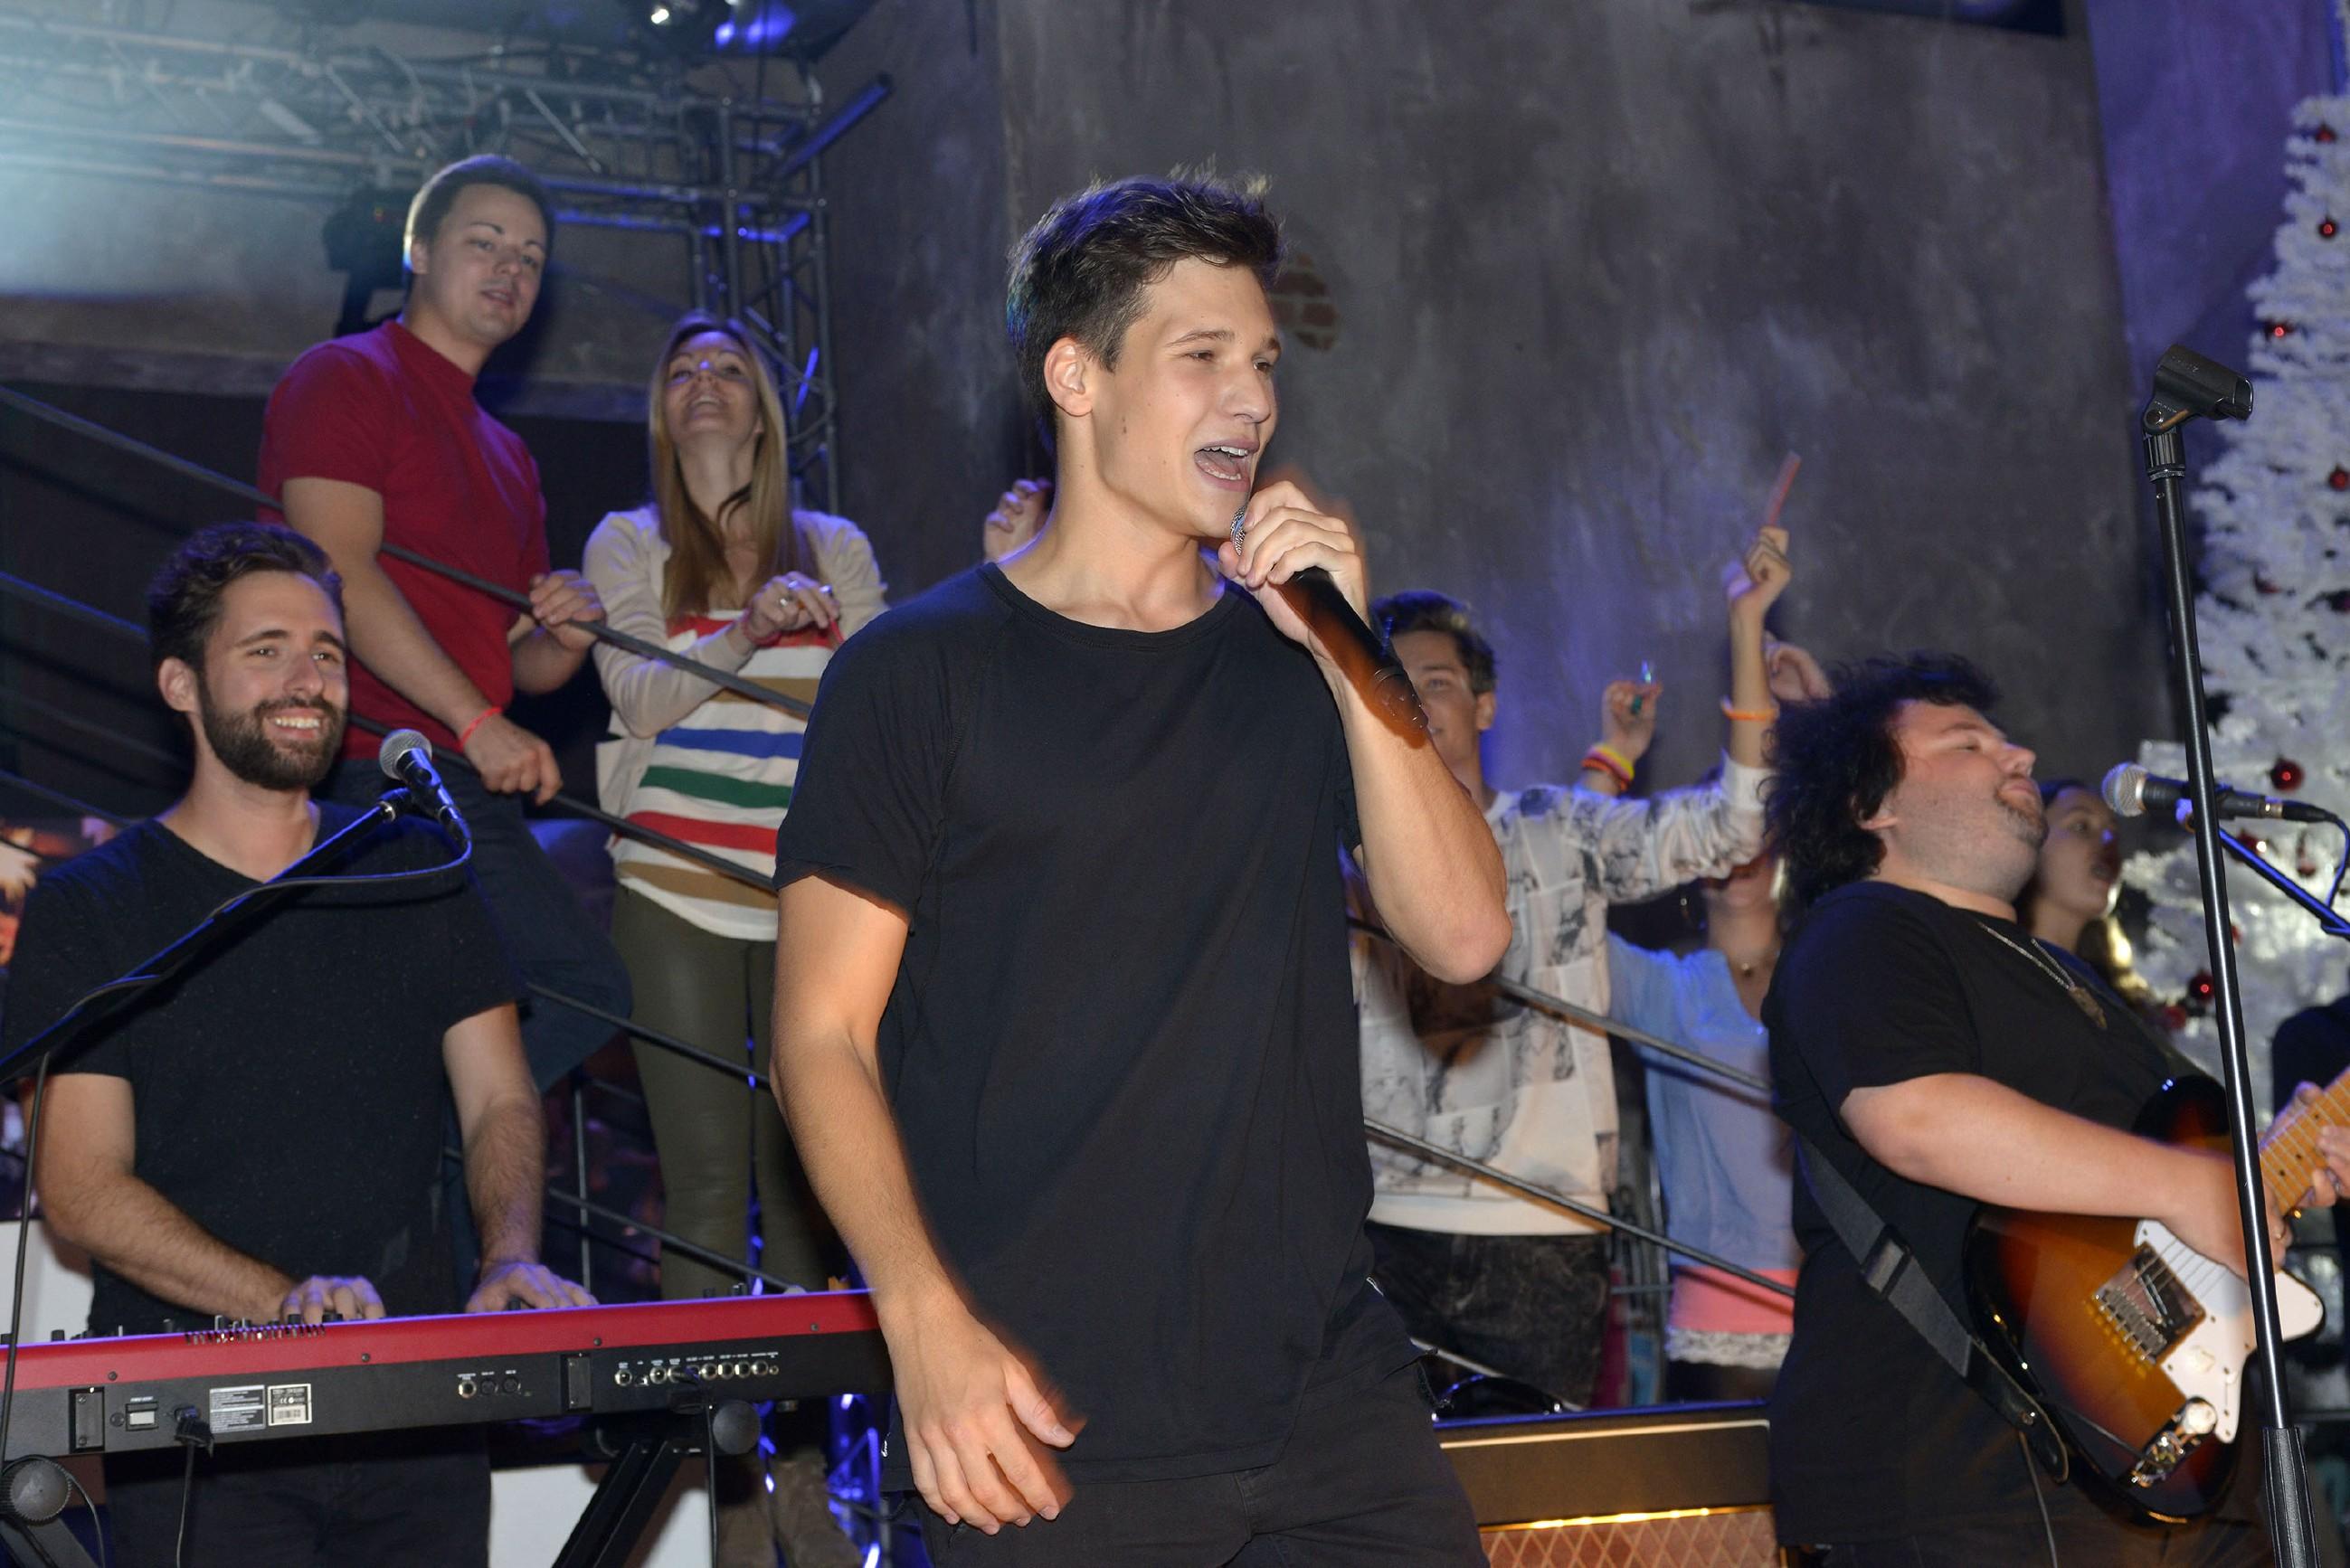 Der Sänger Wincent Weiss gibt ein Konzert im Mauerwerk. (Quelle: RTL / Rolf Baumgartner)